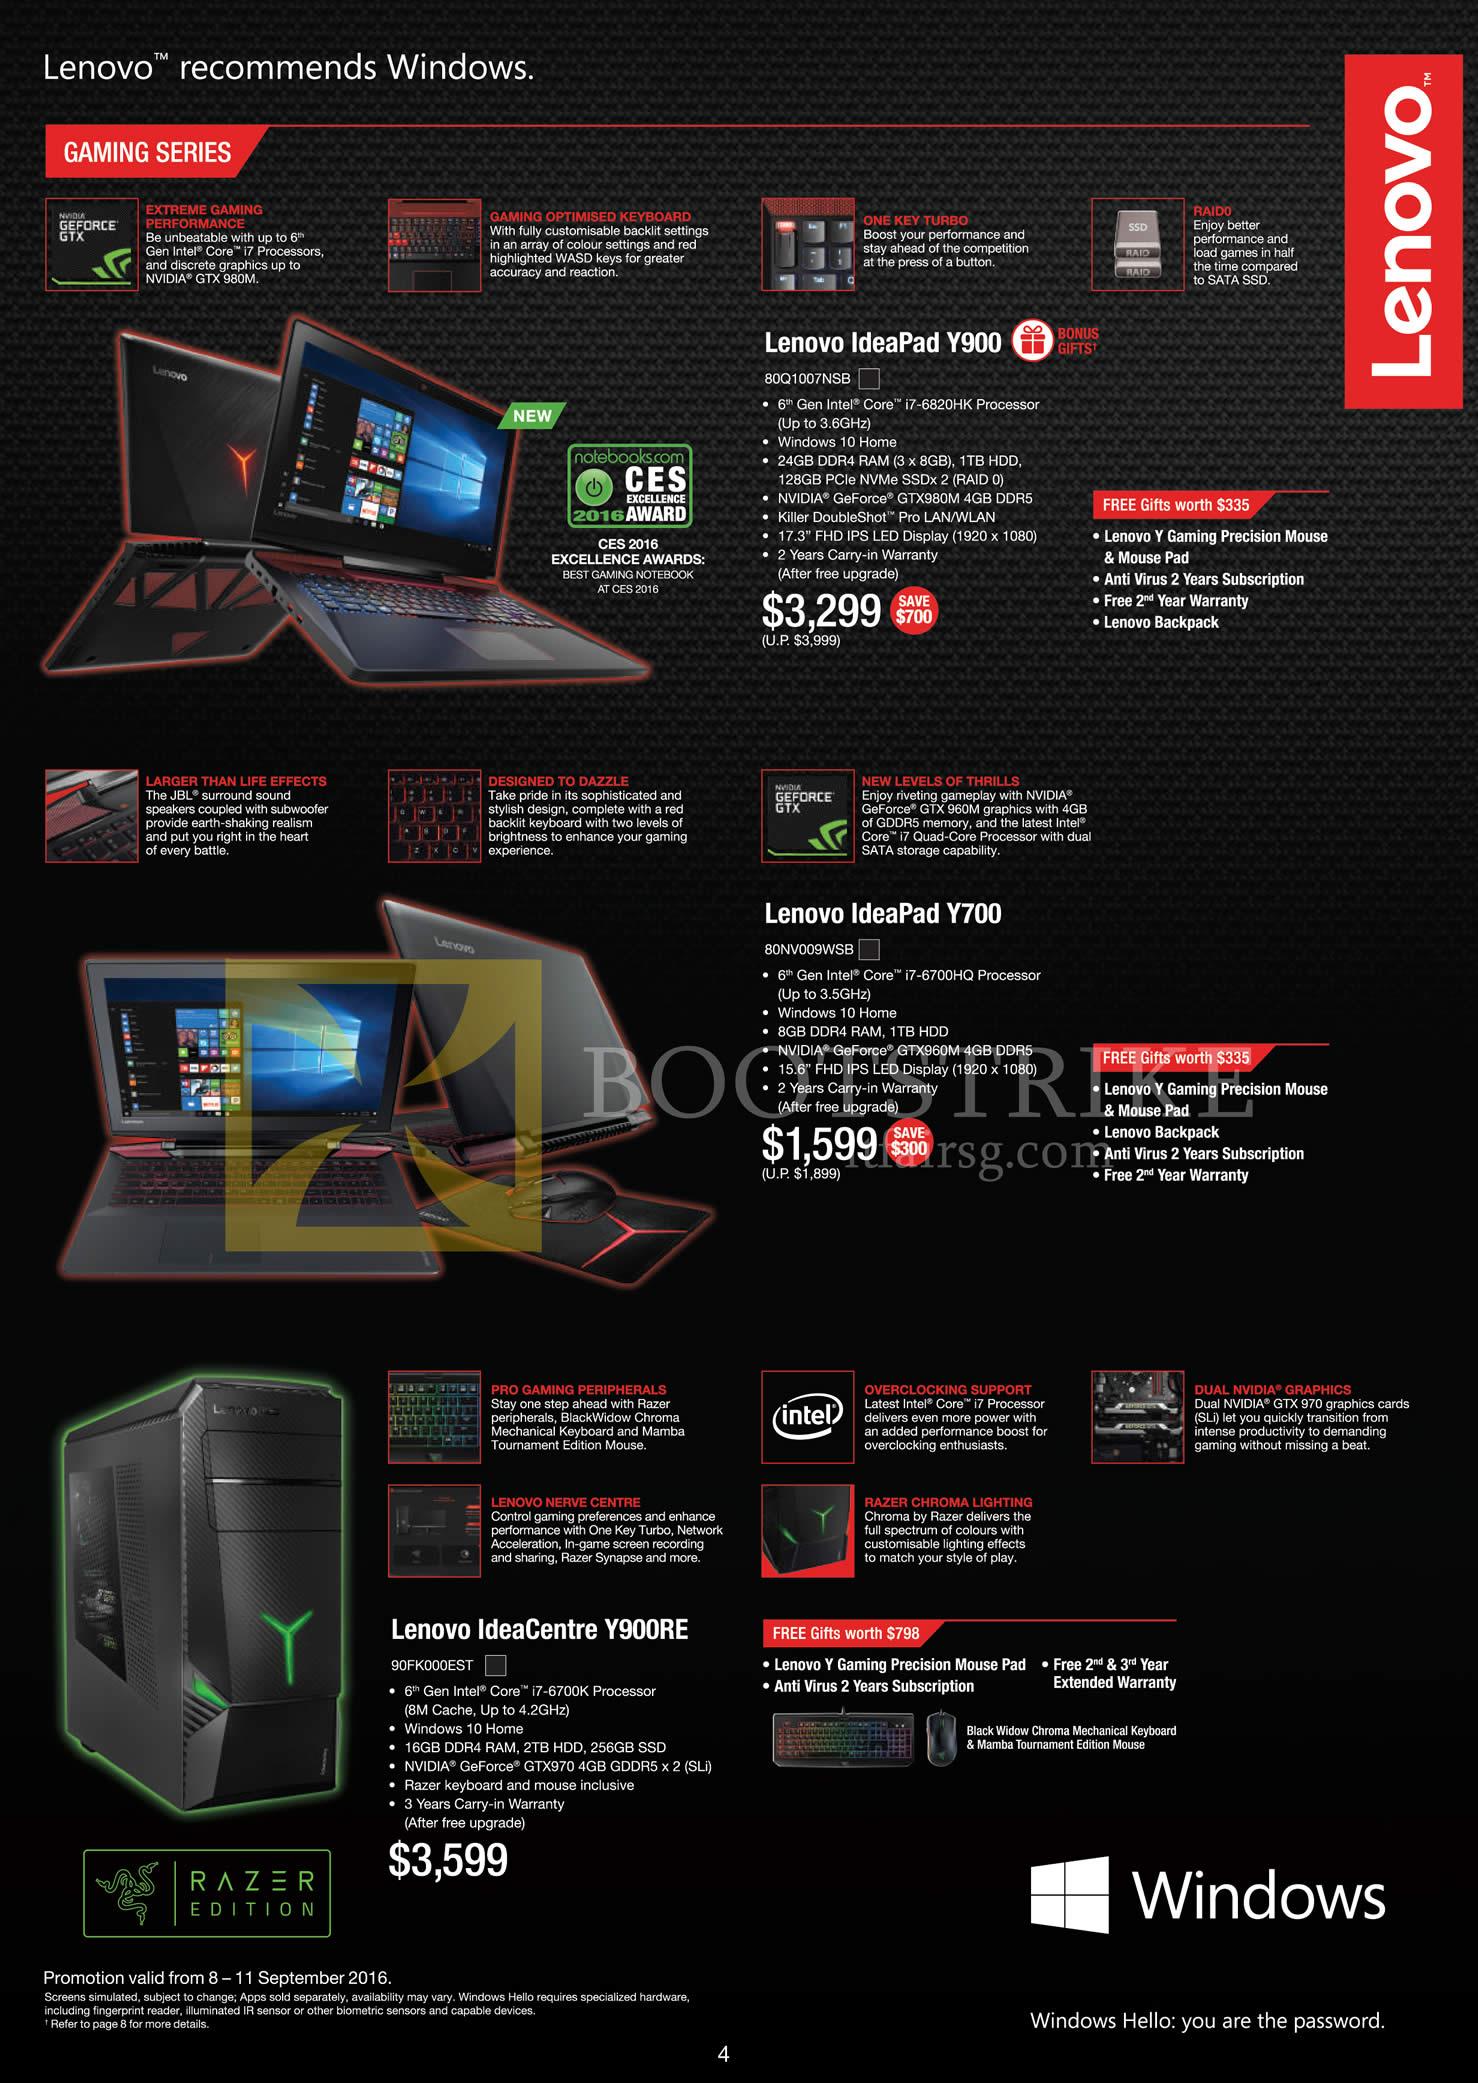 COMEX 2016 price list image brochure of Lenovo Notebooks IdeaPad Y900, Y700, Desktop PC Razer Y900RE